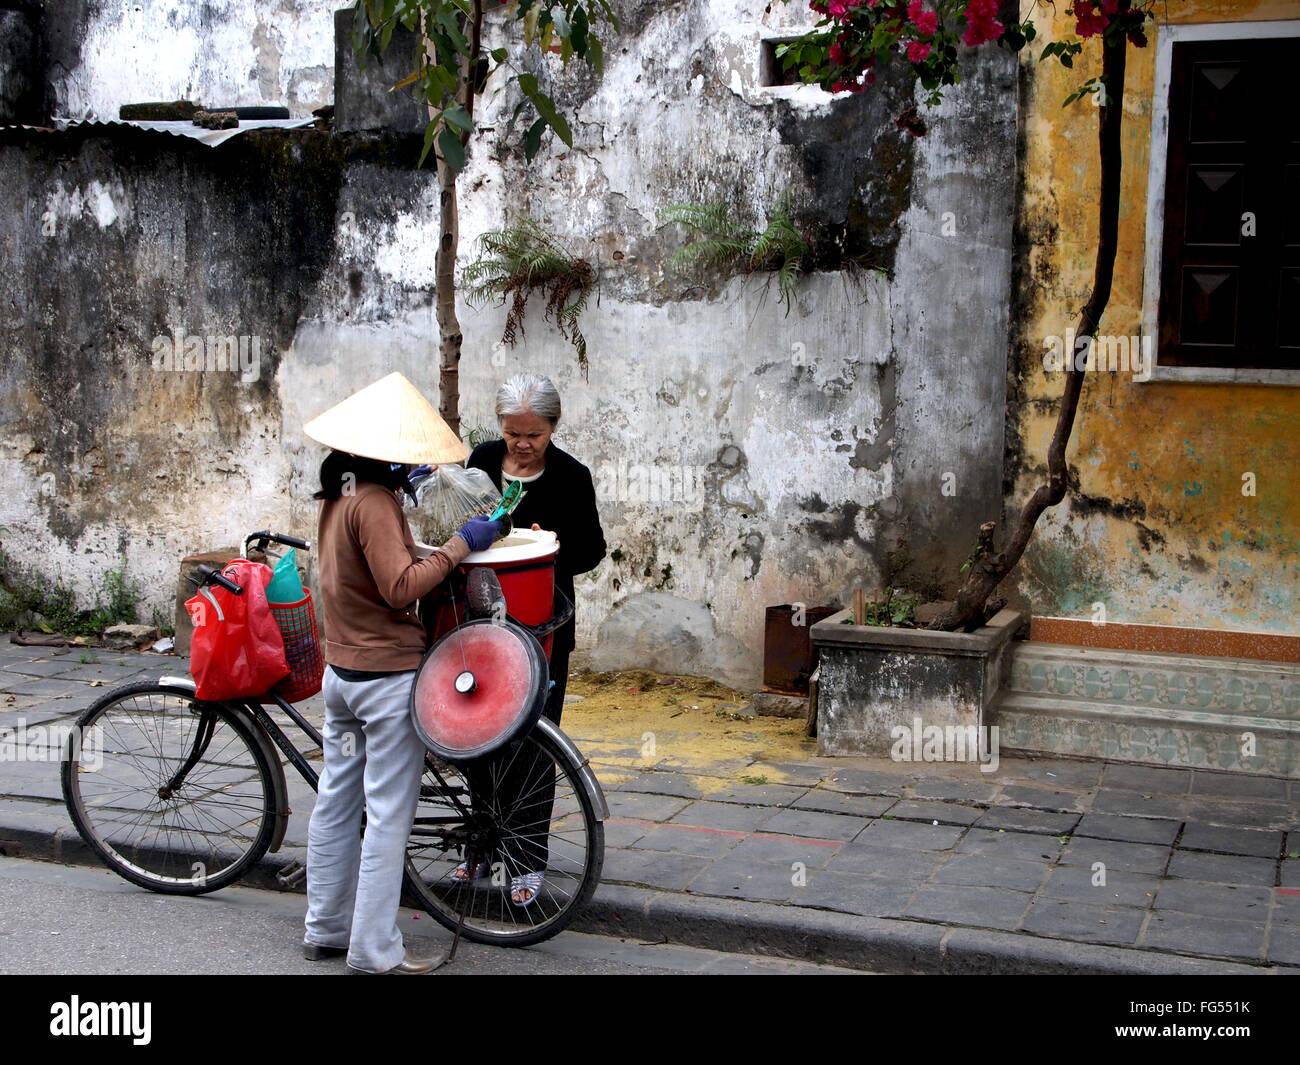 buying street food in Vietnam - Stock Image